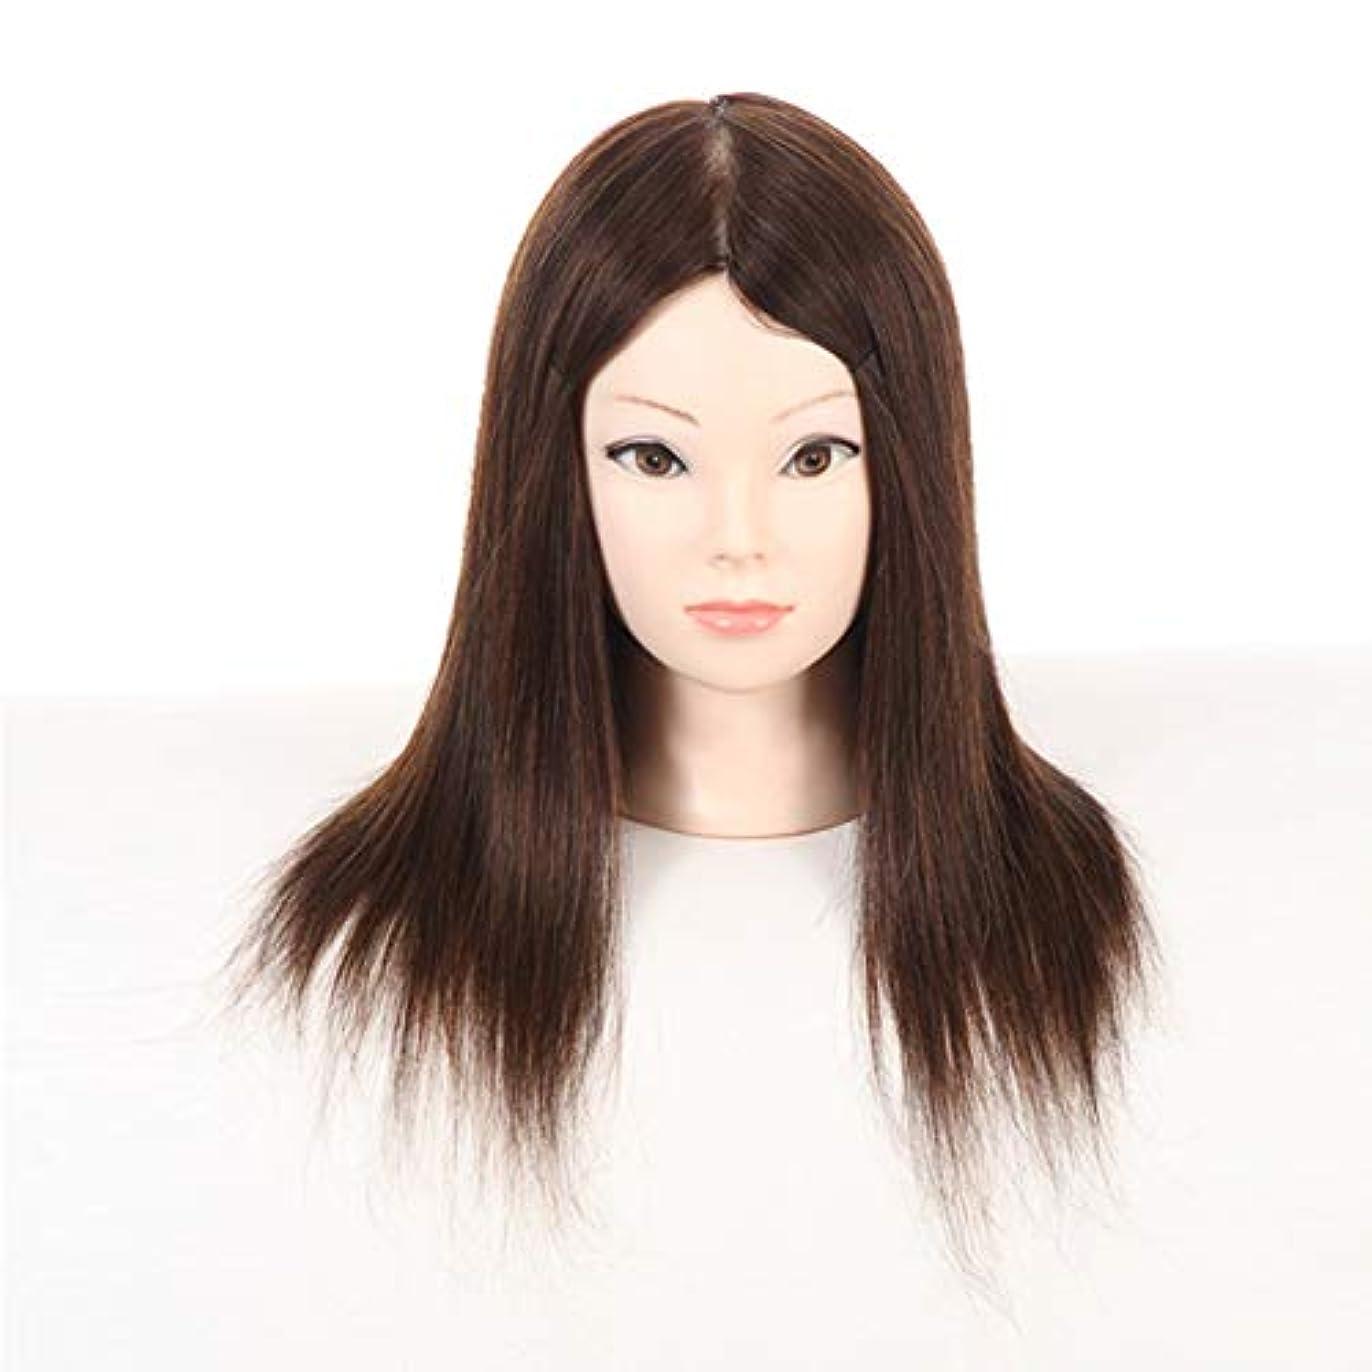 腸流産キュービック本物の髪髪編組髪ヘアホット染料ヘッド型サロンモデリングウィッグエクササイズヘッド散髪学習ダミーヘッド